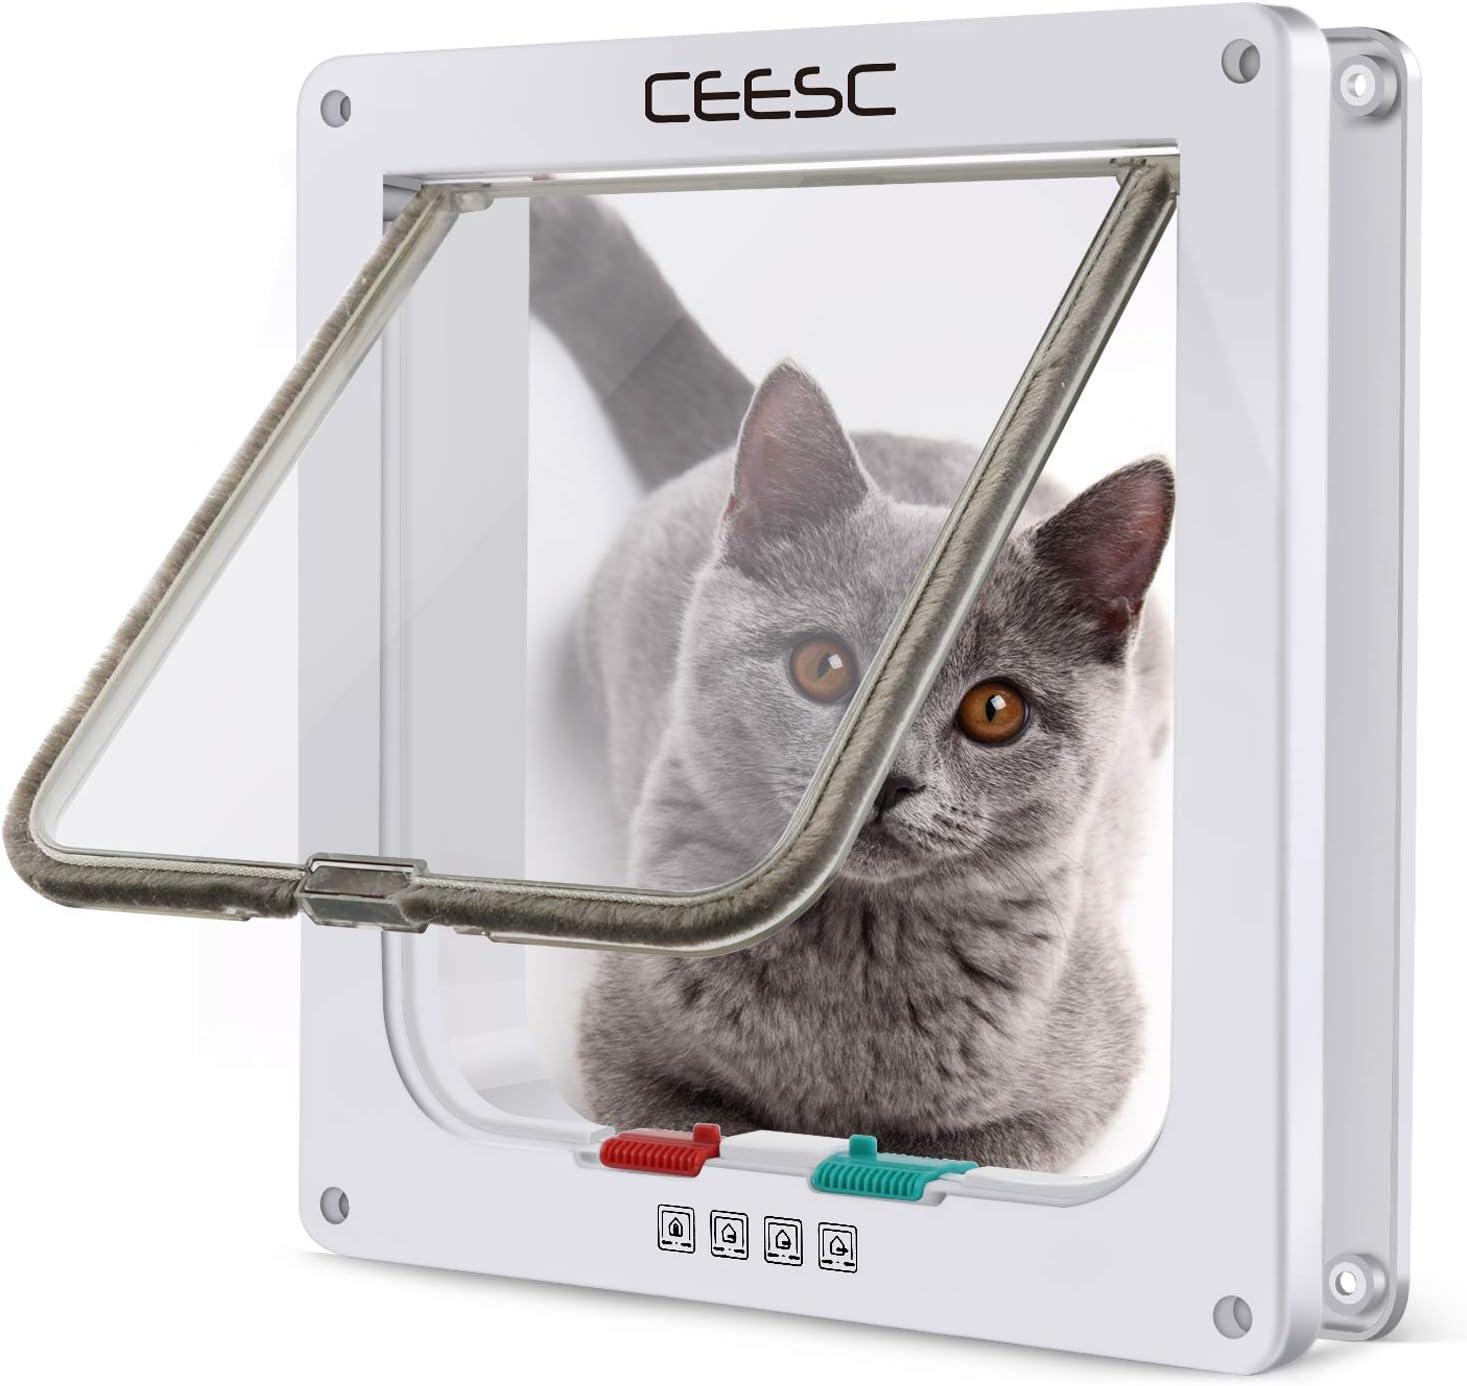 CEESC Puerta magnética para Mascotas con Puerta abatible y Cerradura de 4 vías para Gatos, Gatitos y Perro Perrito (M, Blanco)